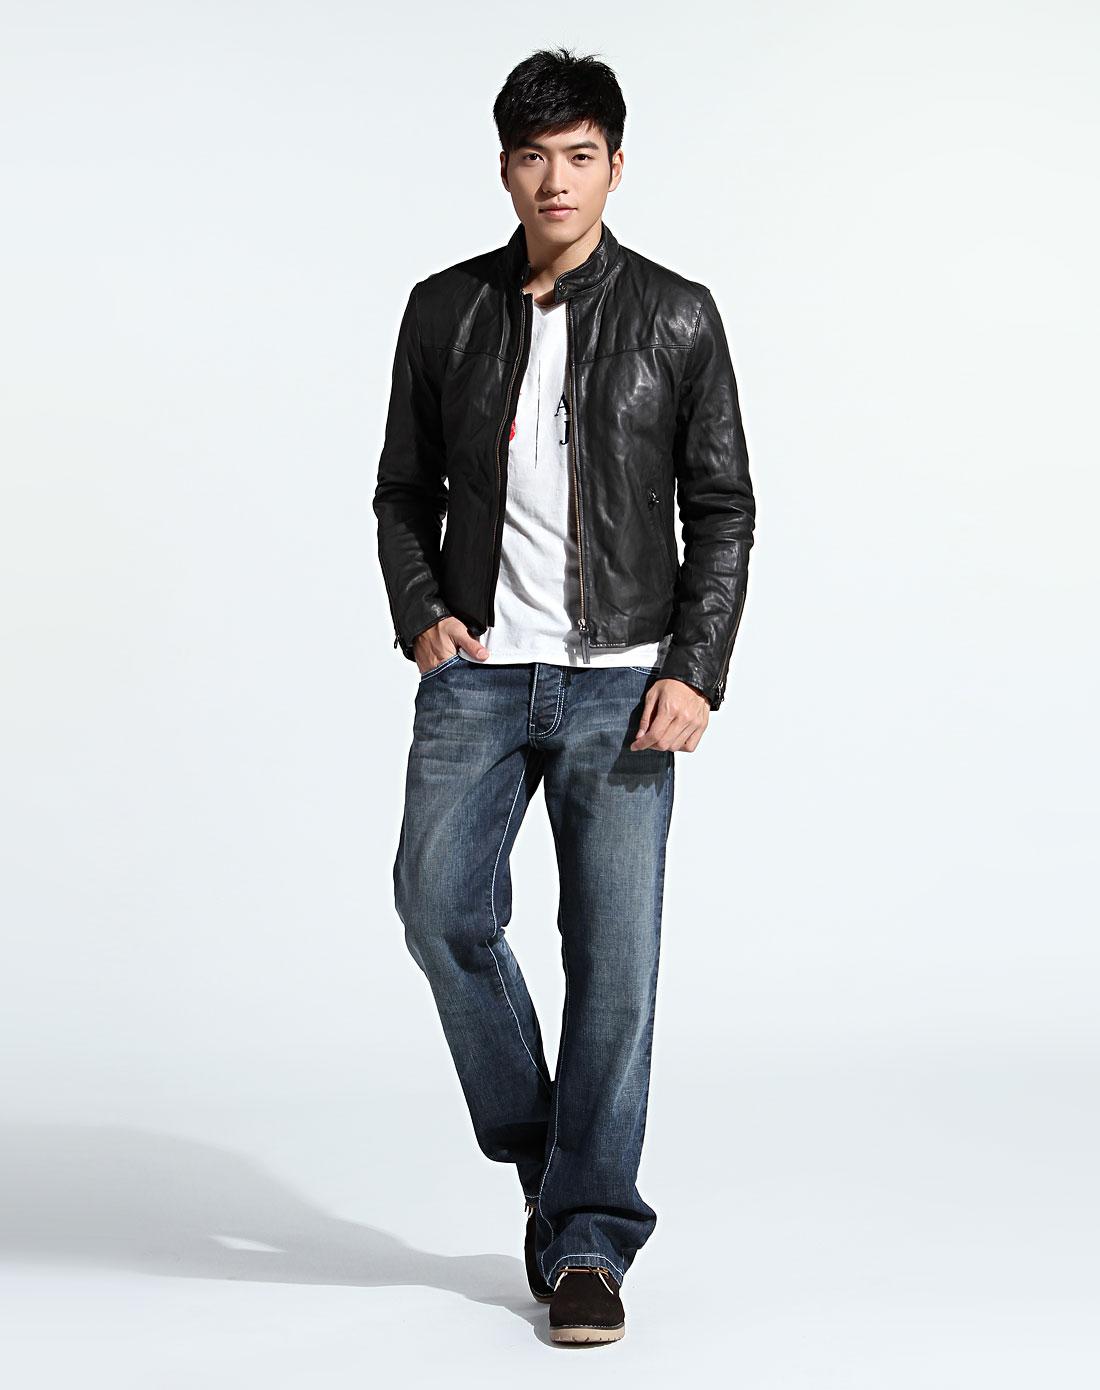 奢华欧美男士armani 男款酷感潮流真皮夹克外套黑色